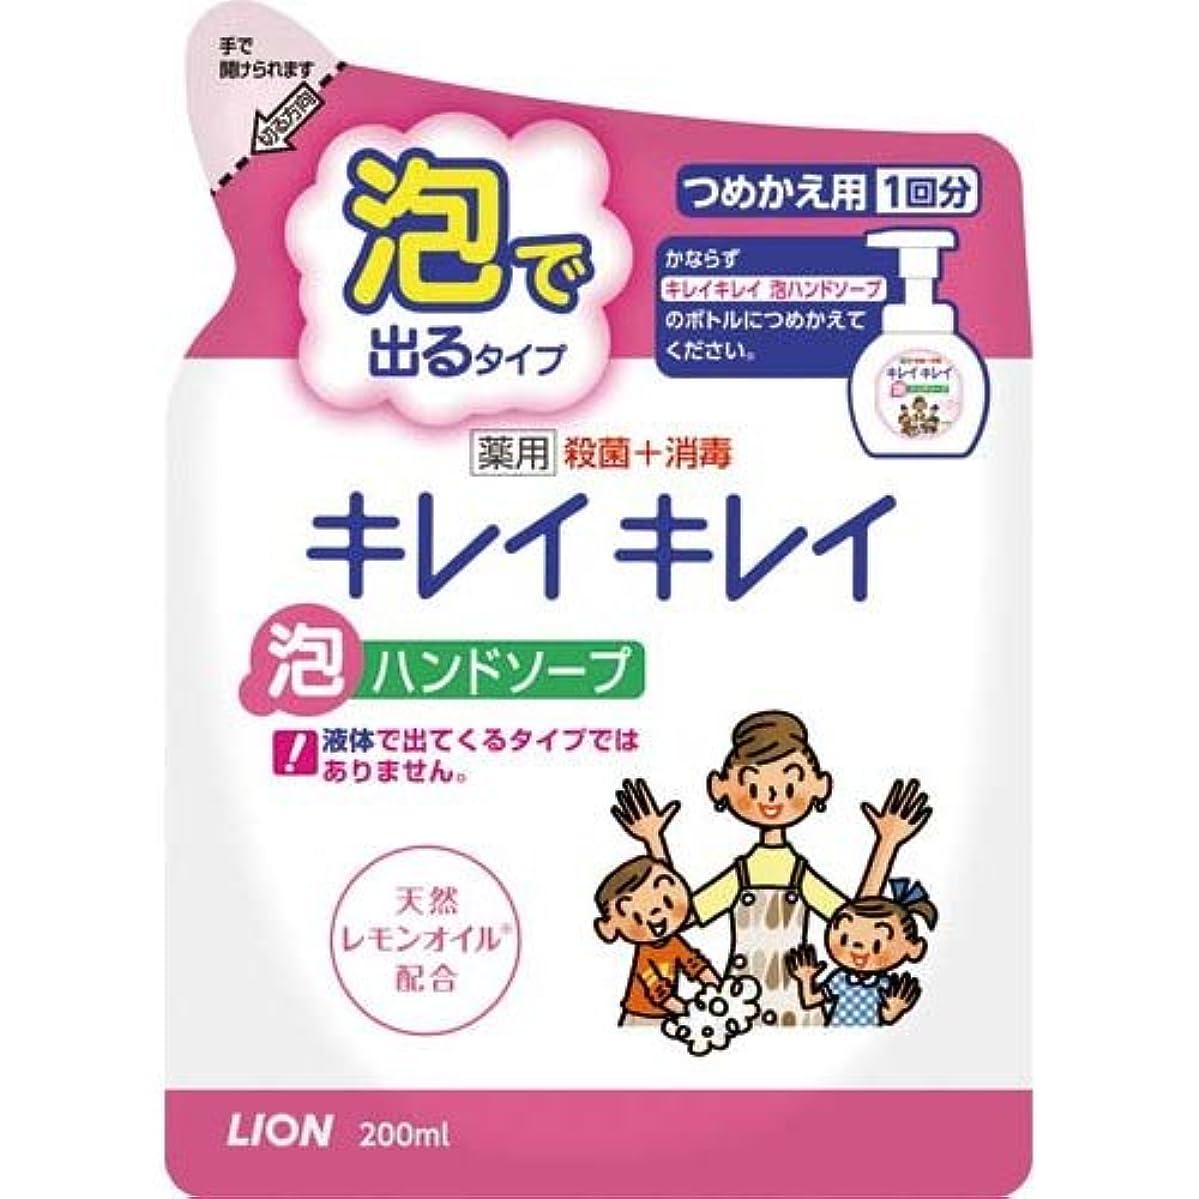 クレーンエキゾチックカンガルーキレイキレイ 薬用泡ハンドソープ つめかえ用 200mL(医薬部外品) ライオン